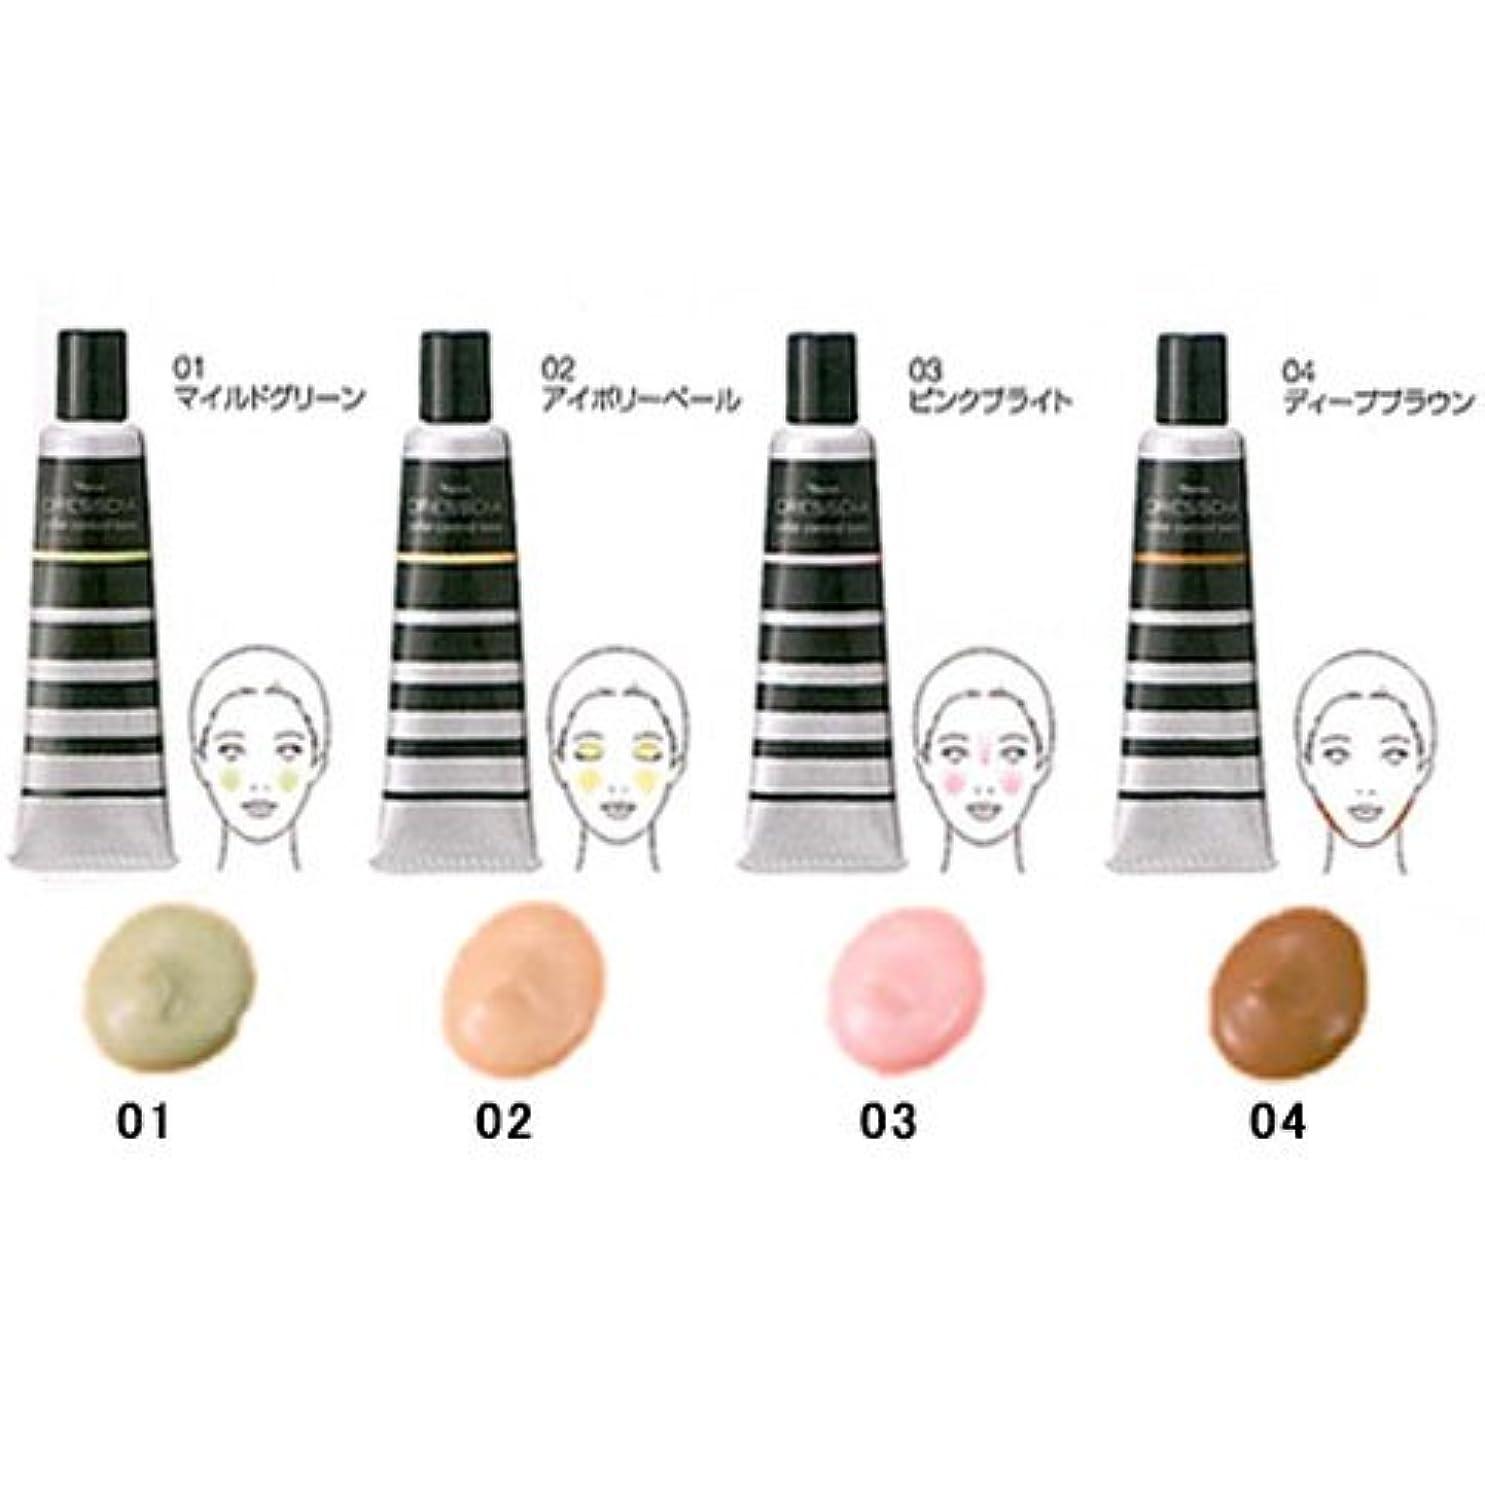 リスト占めるフォークナリス化粧品 ドレスディア カラーコントロールベース部分用 化粧下地 20g 02 アイボリーベール